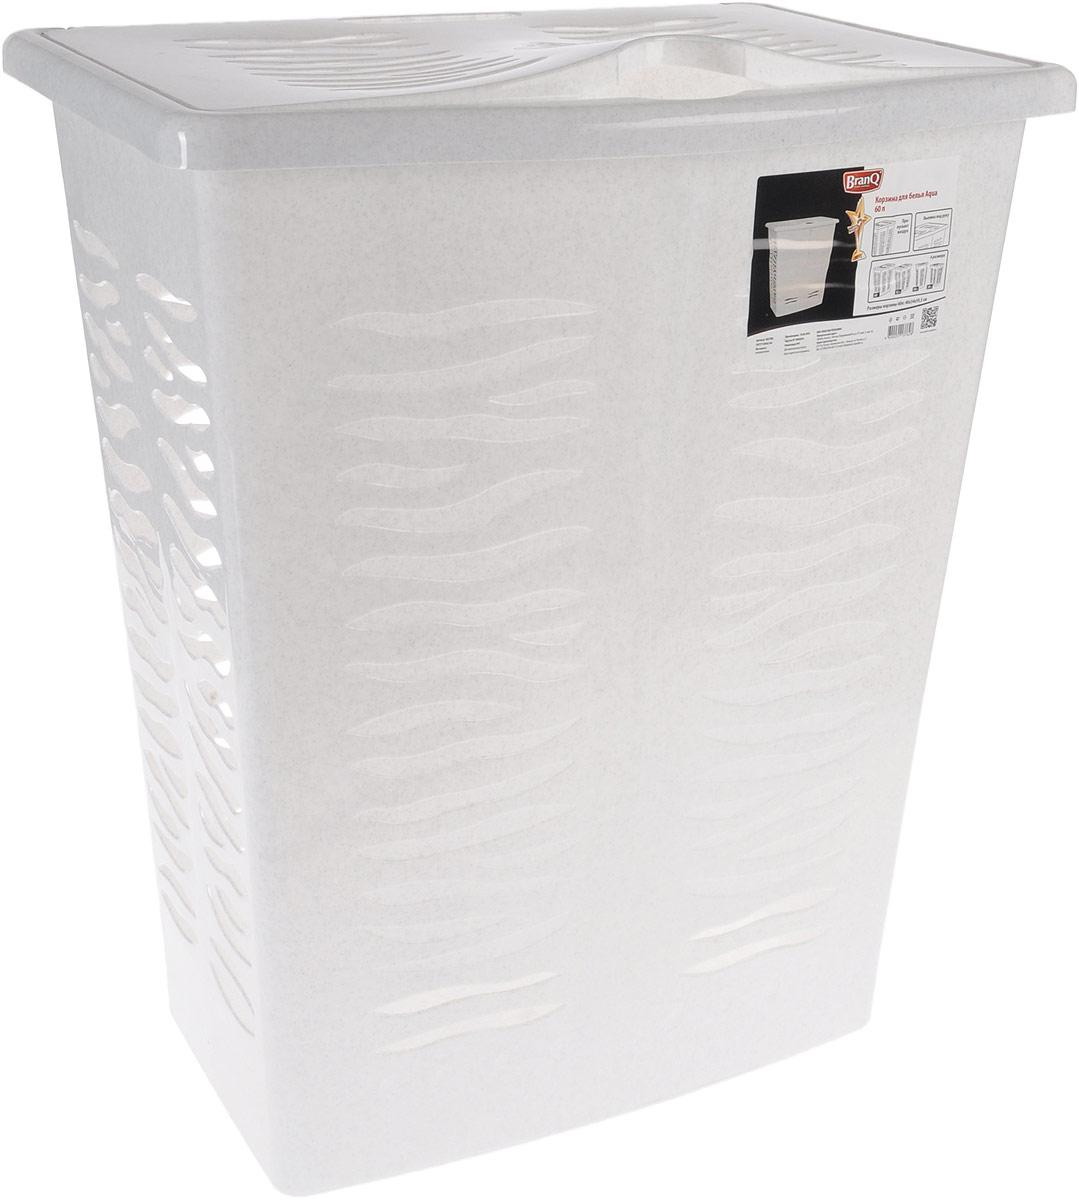 Корзина для белья BranQ Aqua, цвет: мраморный, 60 лBQ1708МРКорзина для белья BranQ Aqua изготовлена из прочного полипропилена и оформлена перфорированными отверстиями, благодаря которым обеспечивается естественная вентиляция. Корзина оснащена крышкой и ручкой для переноски. На крышке имеется выемка для удобного открывания крышки. Такая корзина для белья прекрасно впишется в интерьер ванной комнаты.